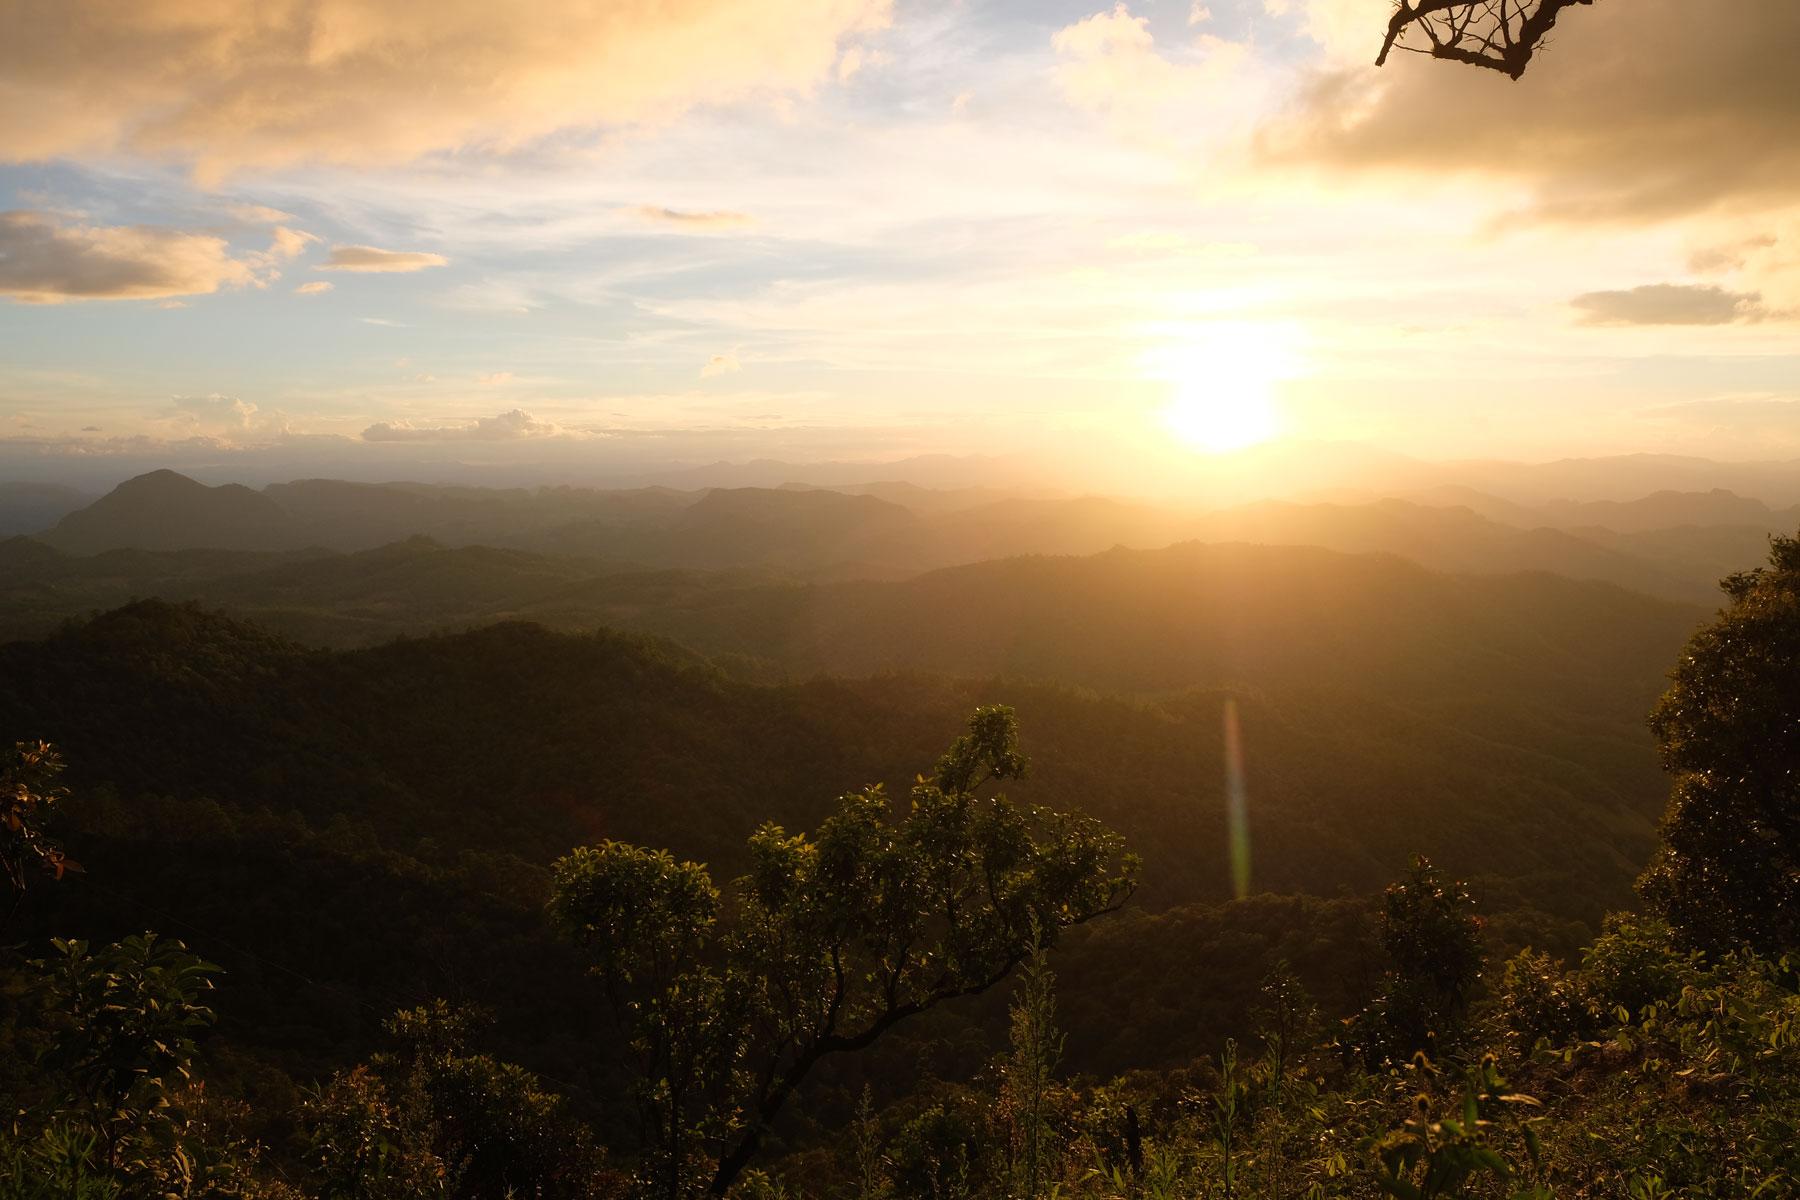 Sonnenuntergang über den Bergen eines Nationalparks im Nordosten Thailands.